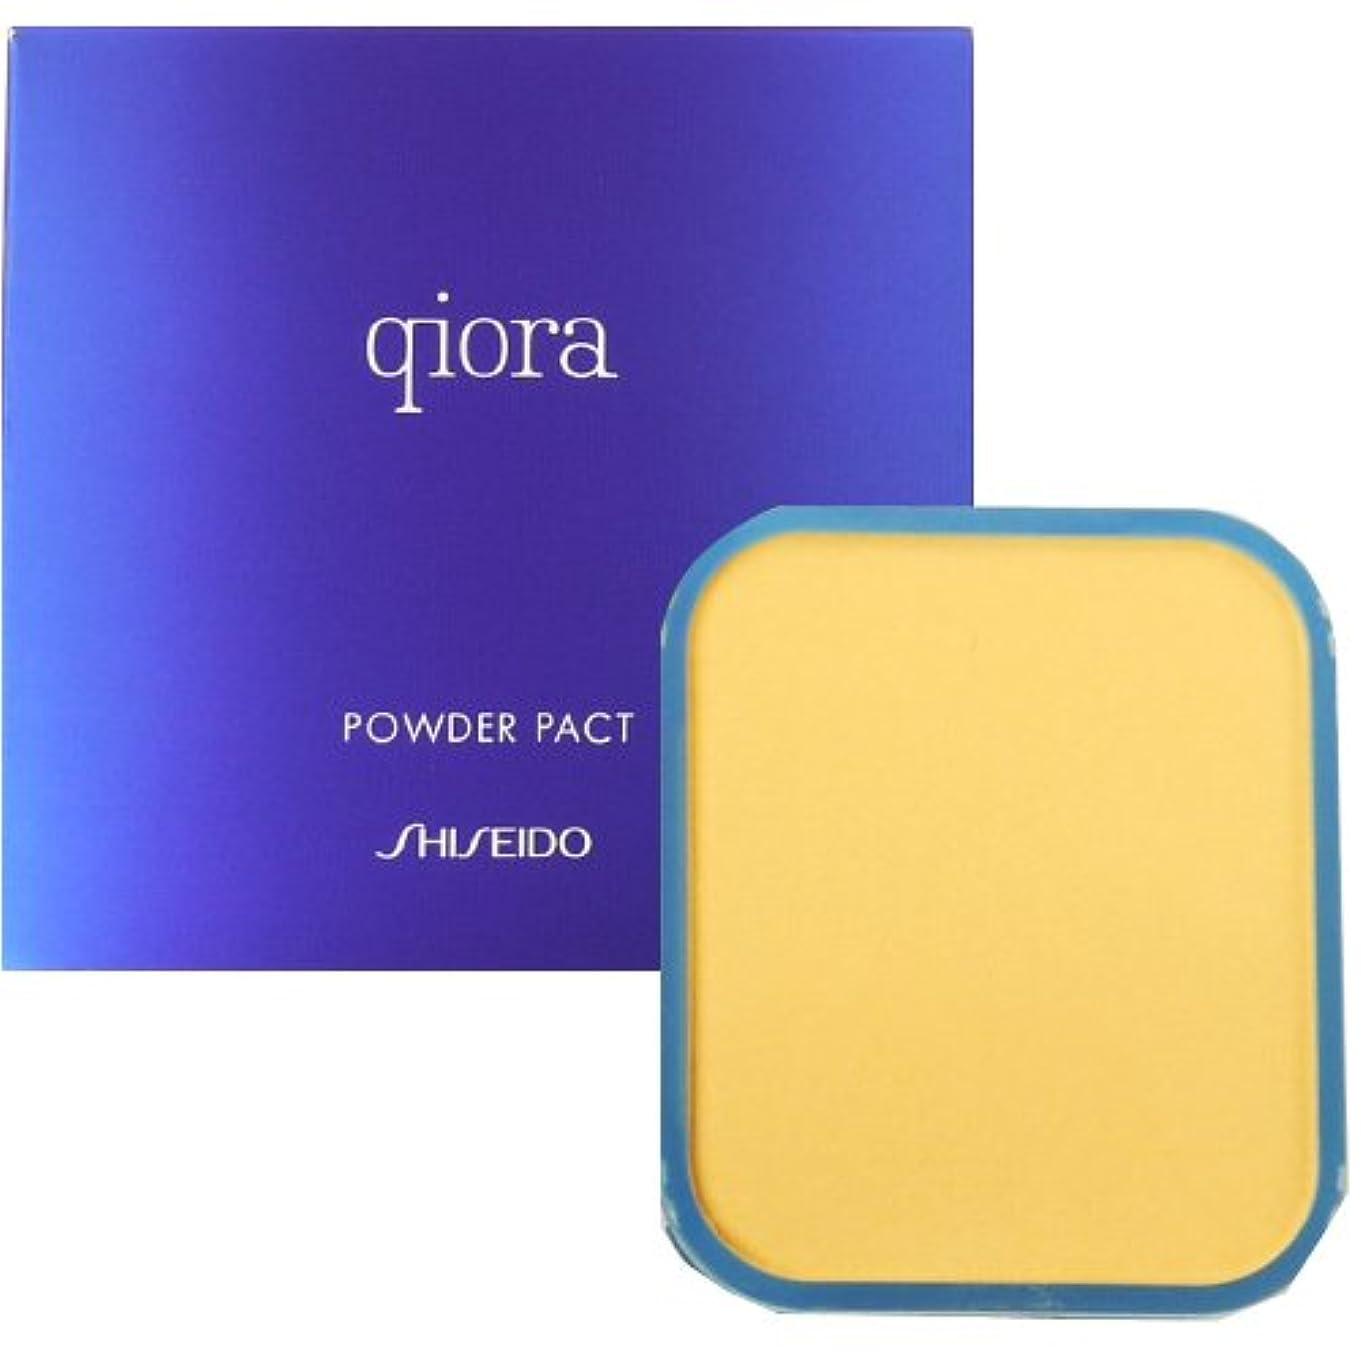 写真行く床を掃除する資生堂 キオラ qiora パウダーパクト SPF17 PA++ 【詰め替え用】 10g【オークル00】